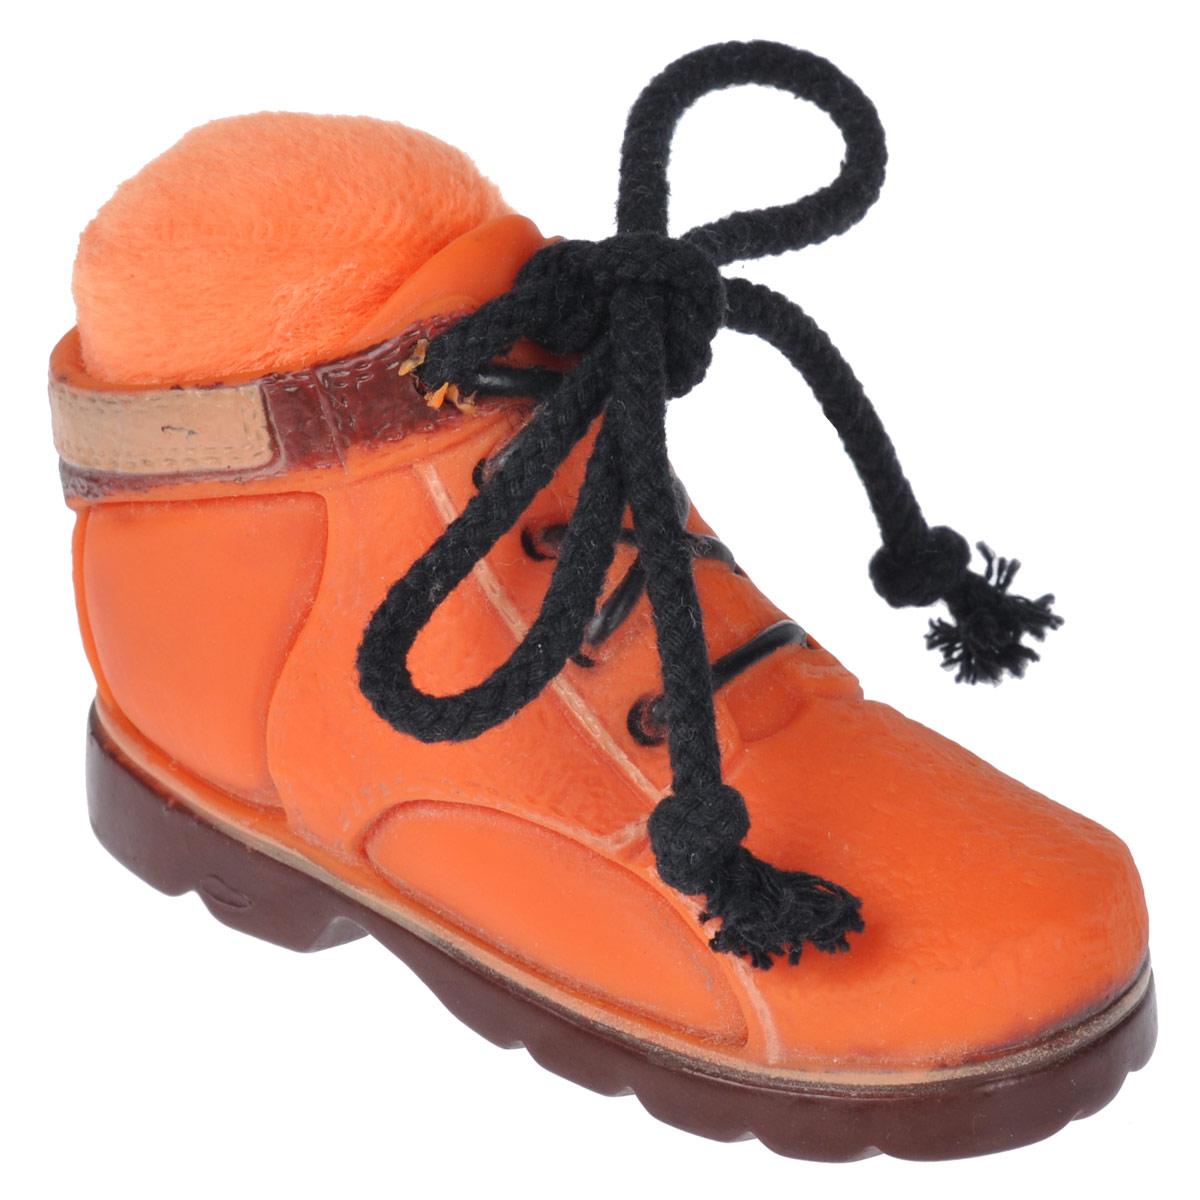 Игрушка для собак Beeztees Ботинок, цвет: оранжевый24887 (620900)Игрушка Beeztees Ботинок изготовлена из винила с использованием только безопасных, не токсичных красителей. Великолепно подходит для игры и массажа десен вашей собаки. При надавливании или захвате пастью пищит. Такая игрушка порадует вашего любимца, а вам доставит массу приятных эмоций, ведь наблюдать за игрой всегда интересно и приятно.